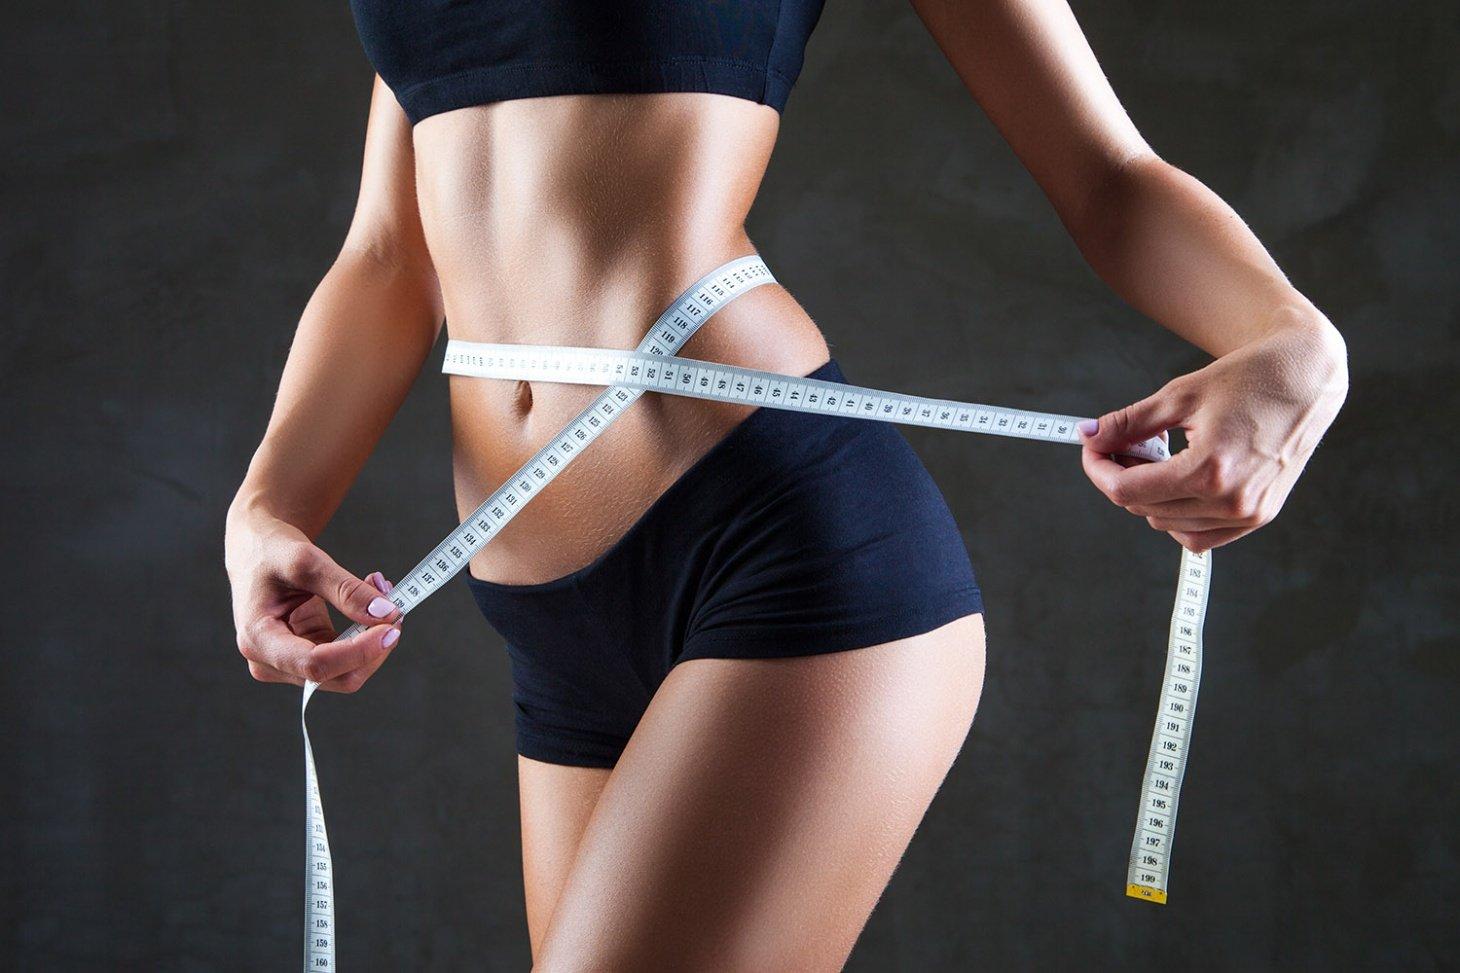 410afe489550b47beadb741cff68ab52 - Народный рецепт как убрать жир на животе